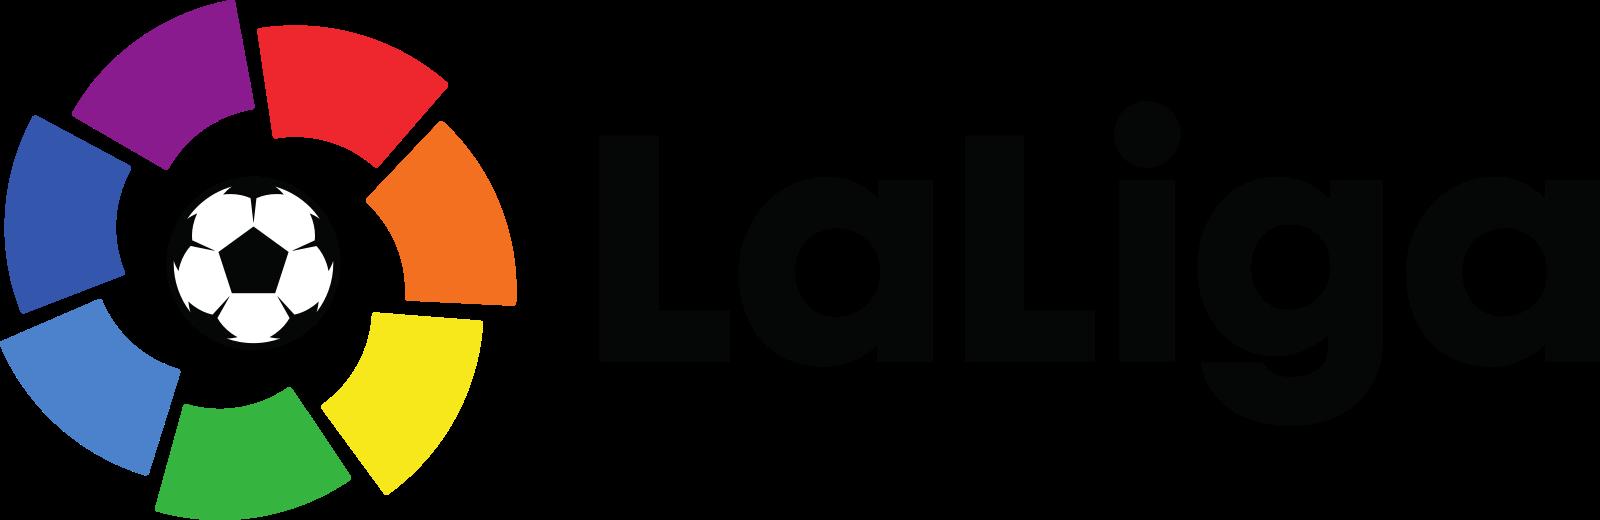 laliga-logo-5